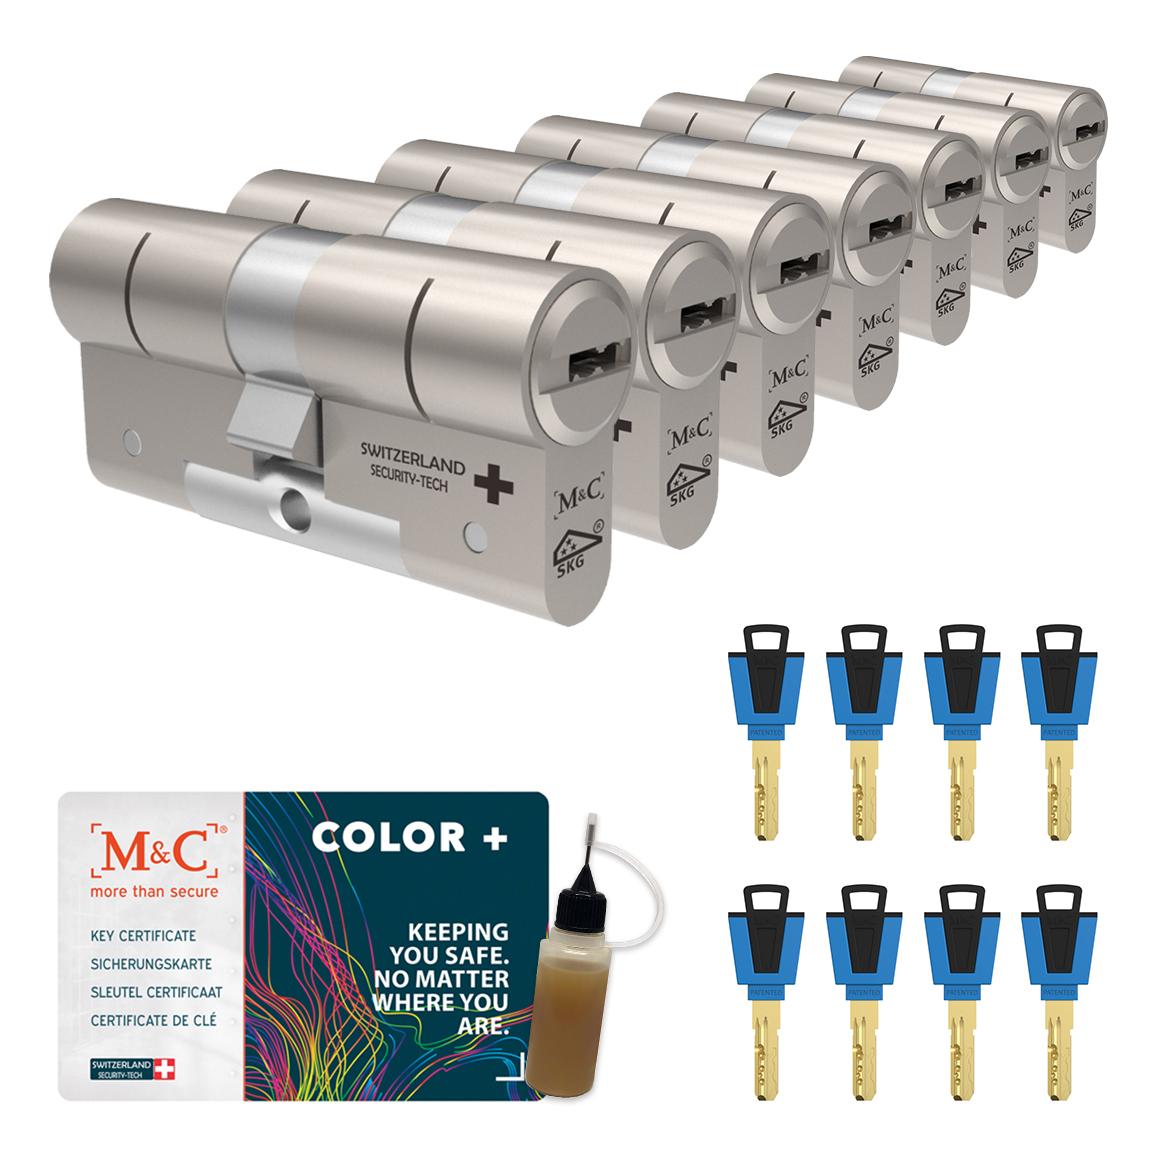 Afbeelding van Cilinderslot M&C Color+ (7 stuks)